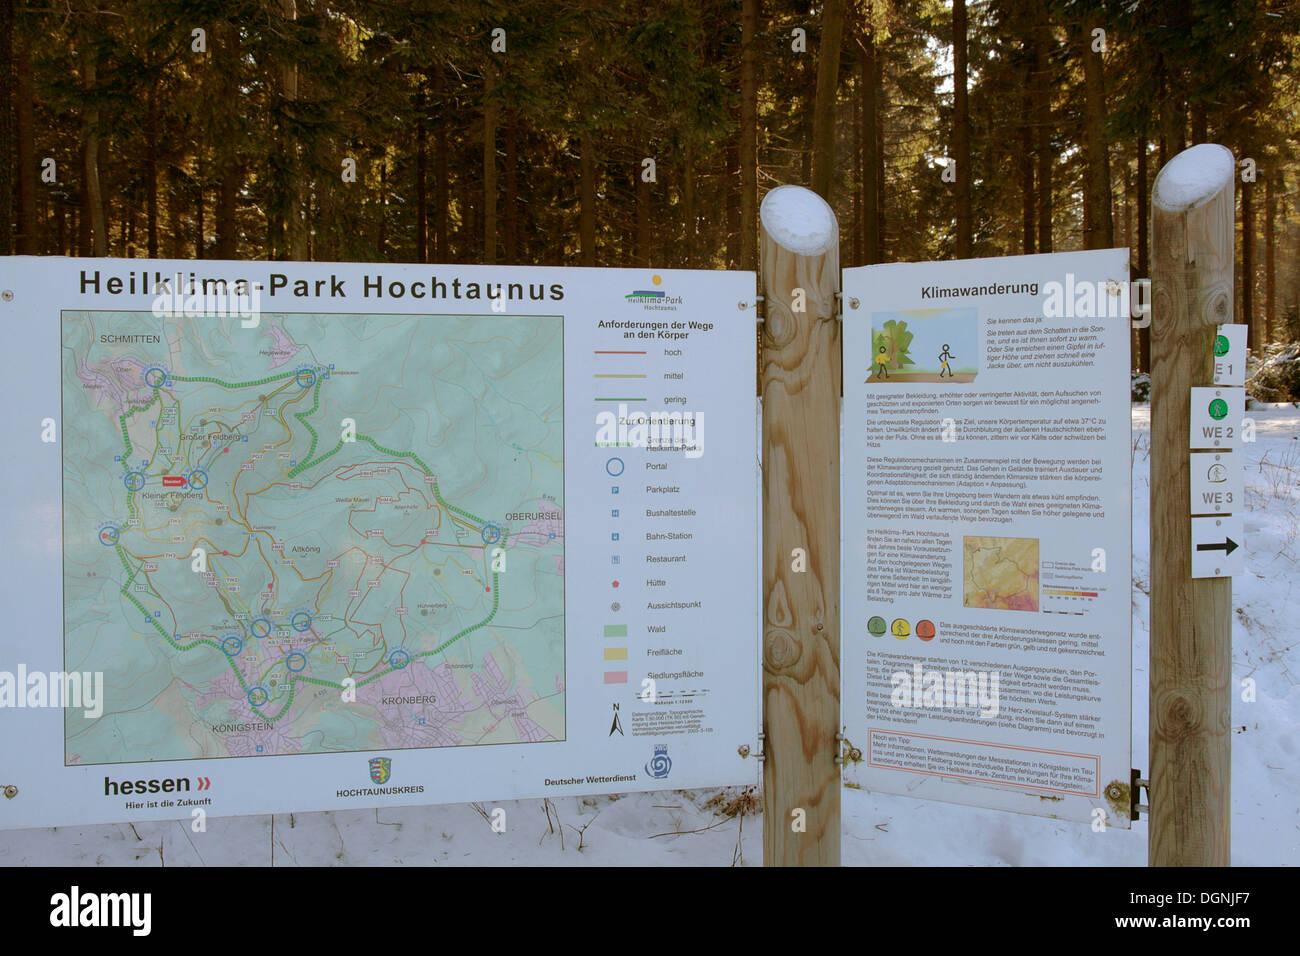 Information board, Heilklimapark, clima curativo park y senderismo ruta en Hochtaunus clima en invierno, la montaña Kleiner Feldberg Imagen De Stock